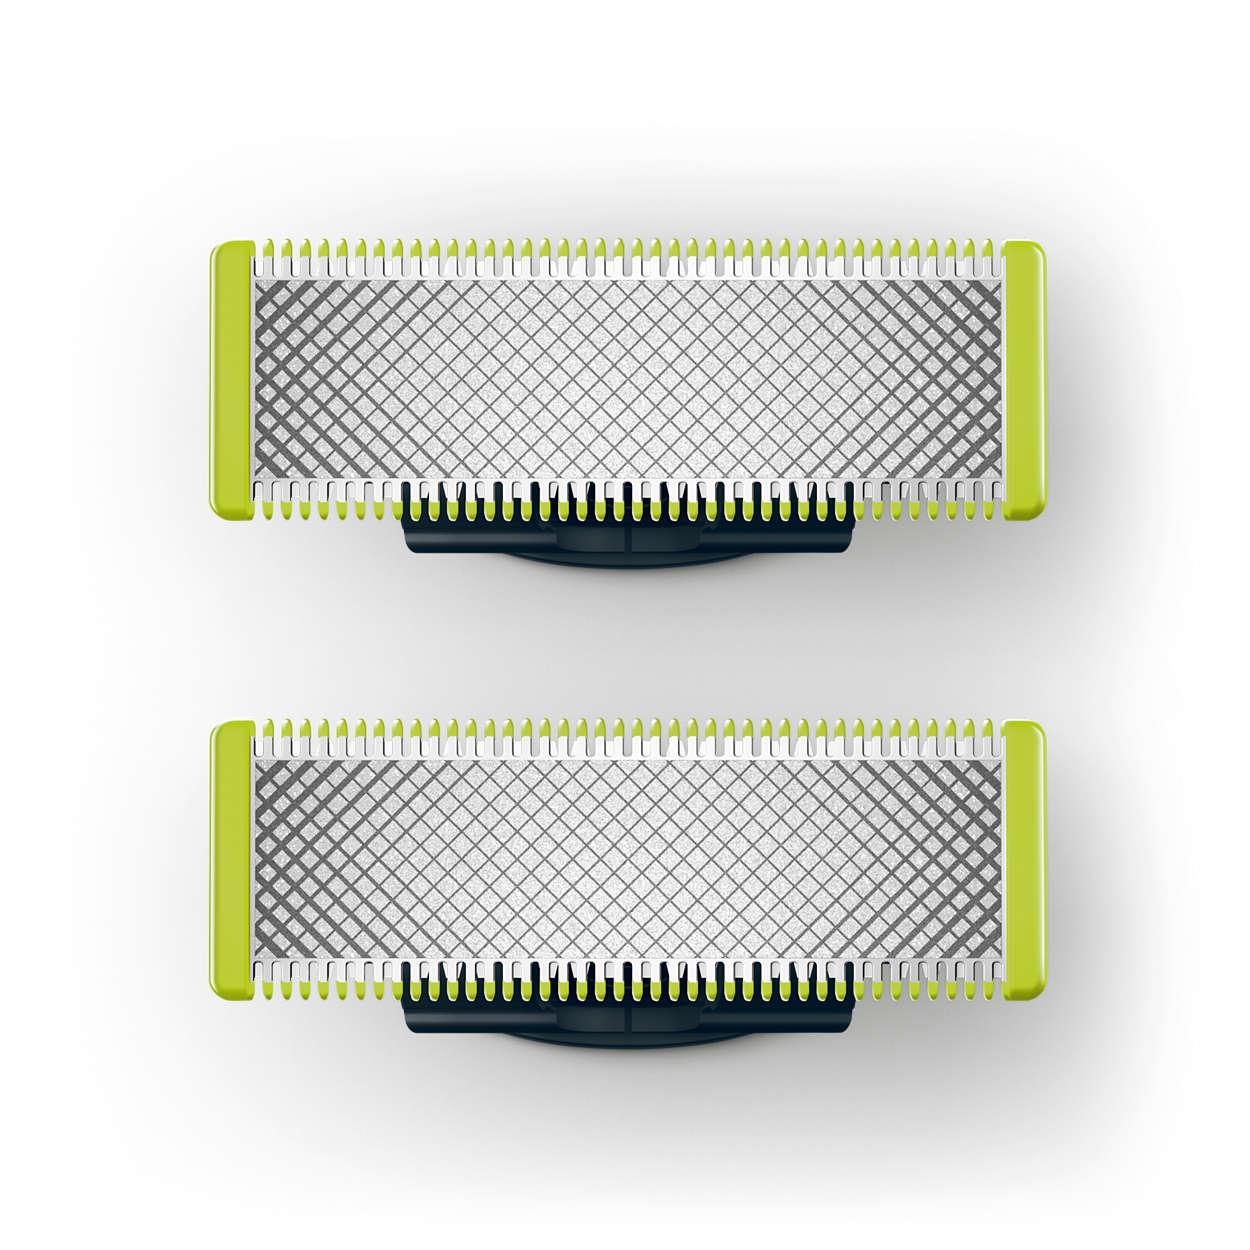 Piirake, kujundage ja raseerige igas pikkuses habet